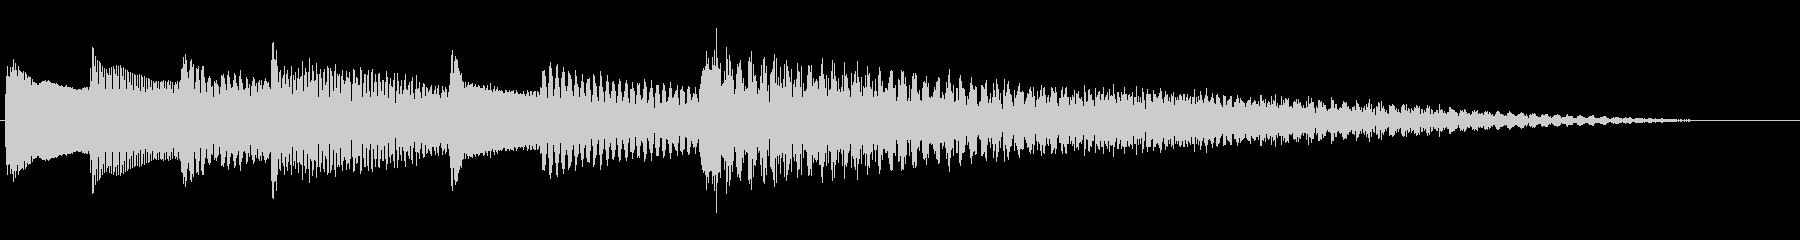 のびやかなピアノジングルの未再生の波形